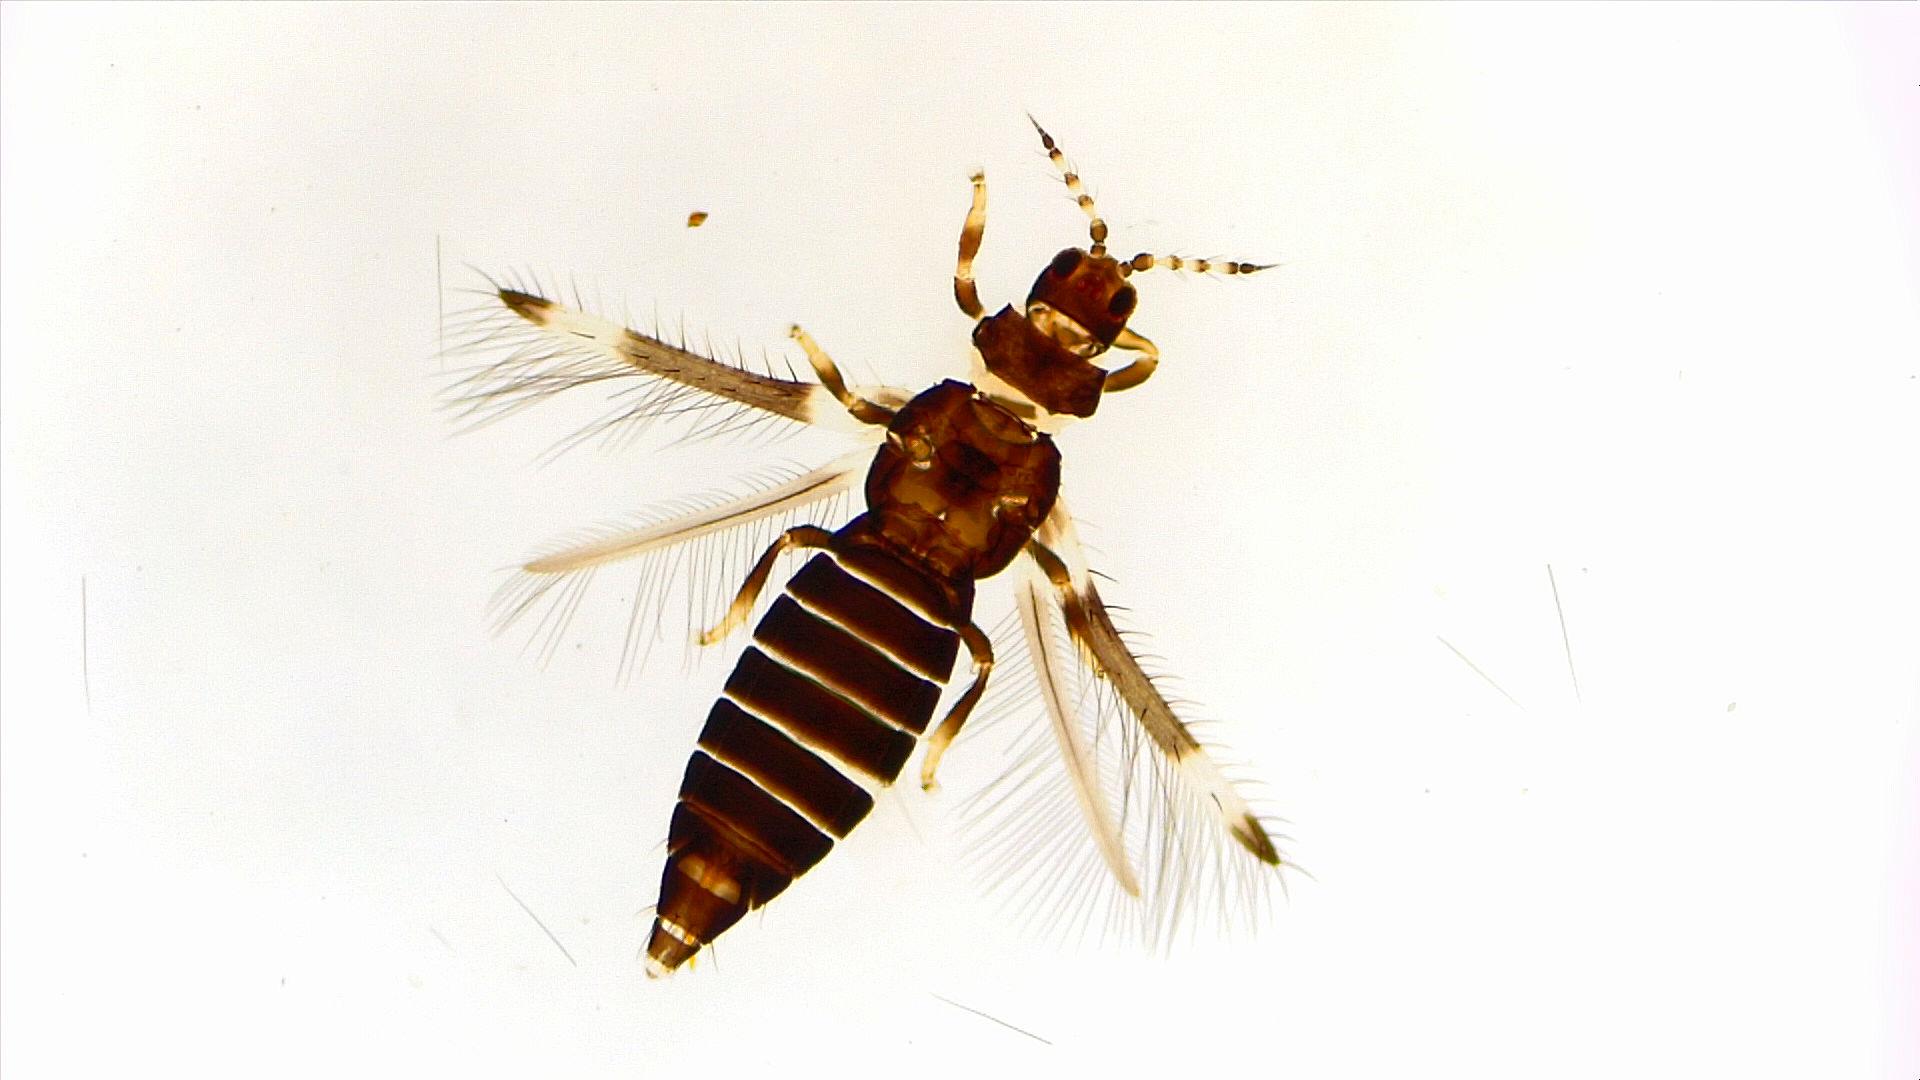 Caliothrips phaseoli em alface em Ivoti, RS